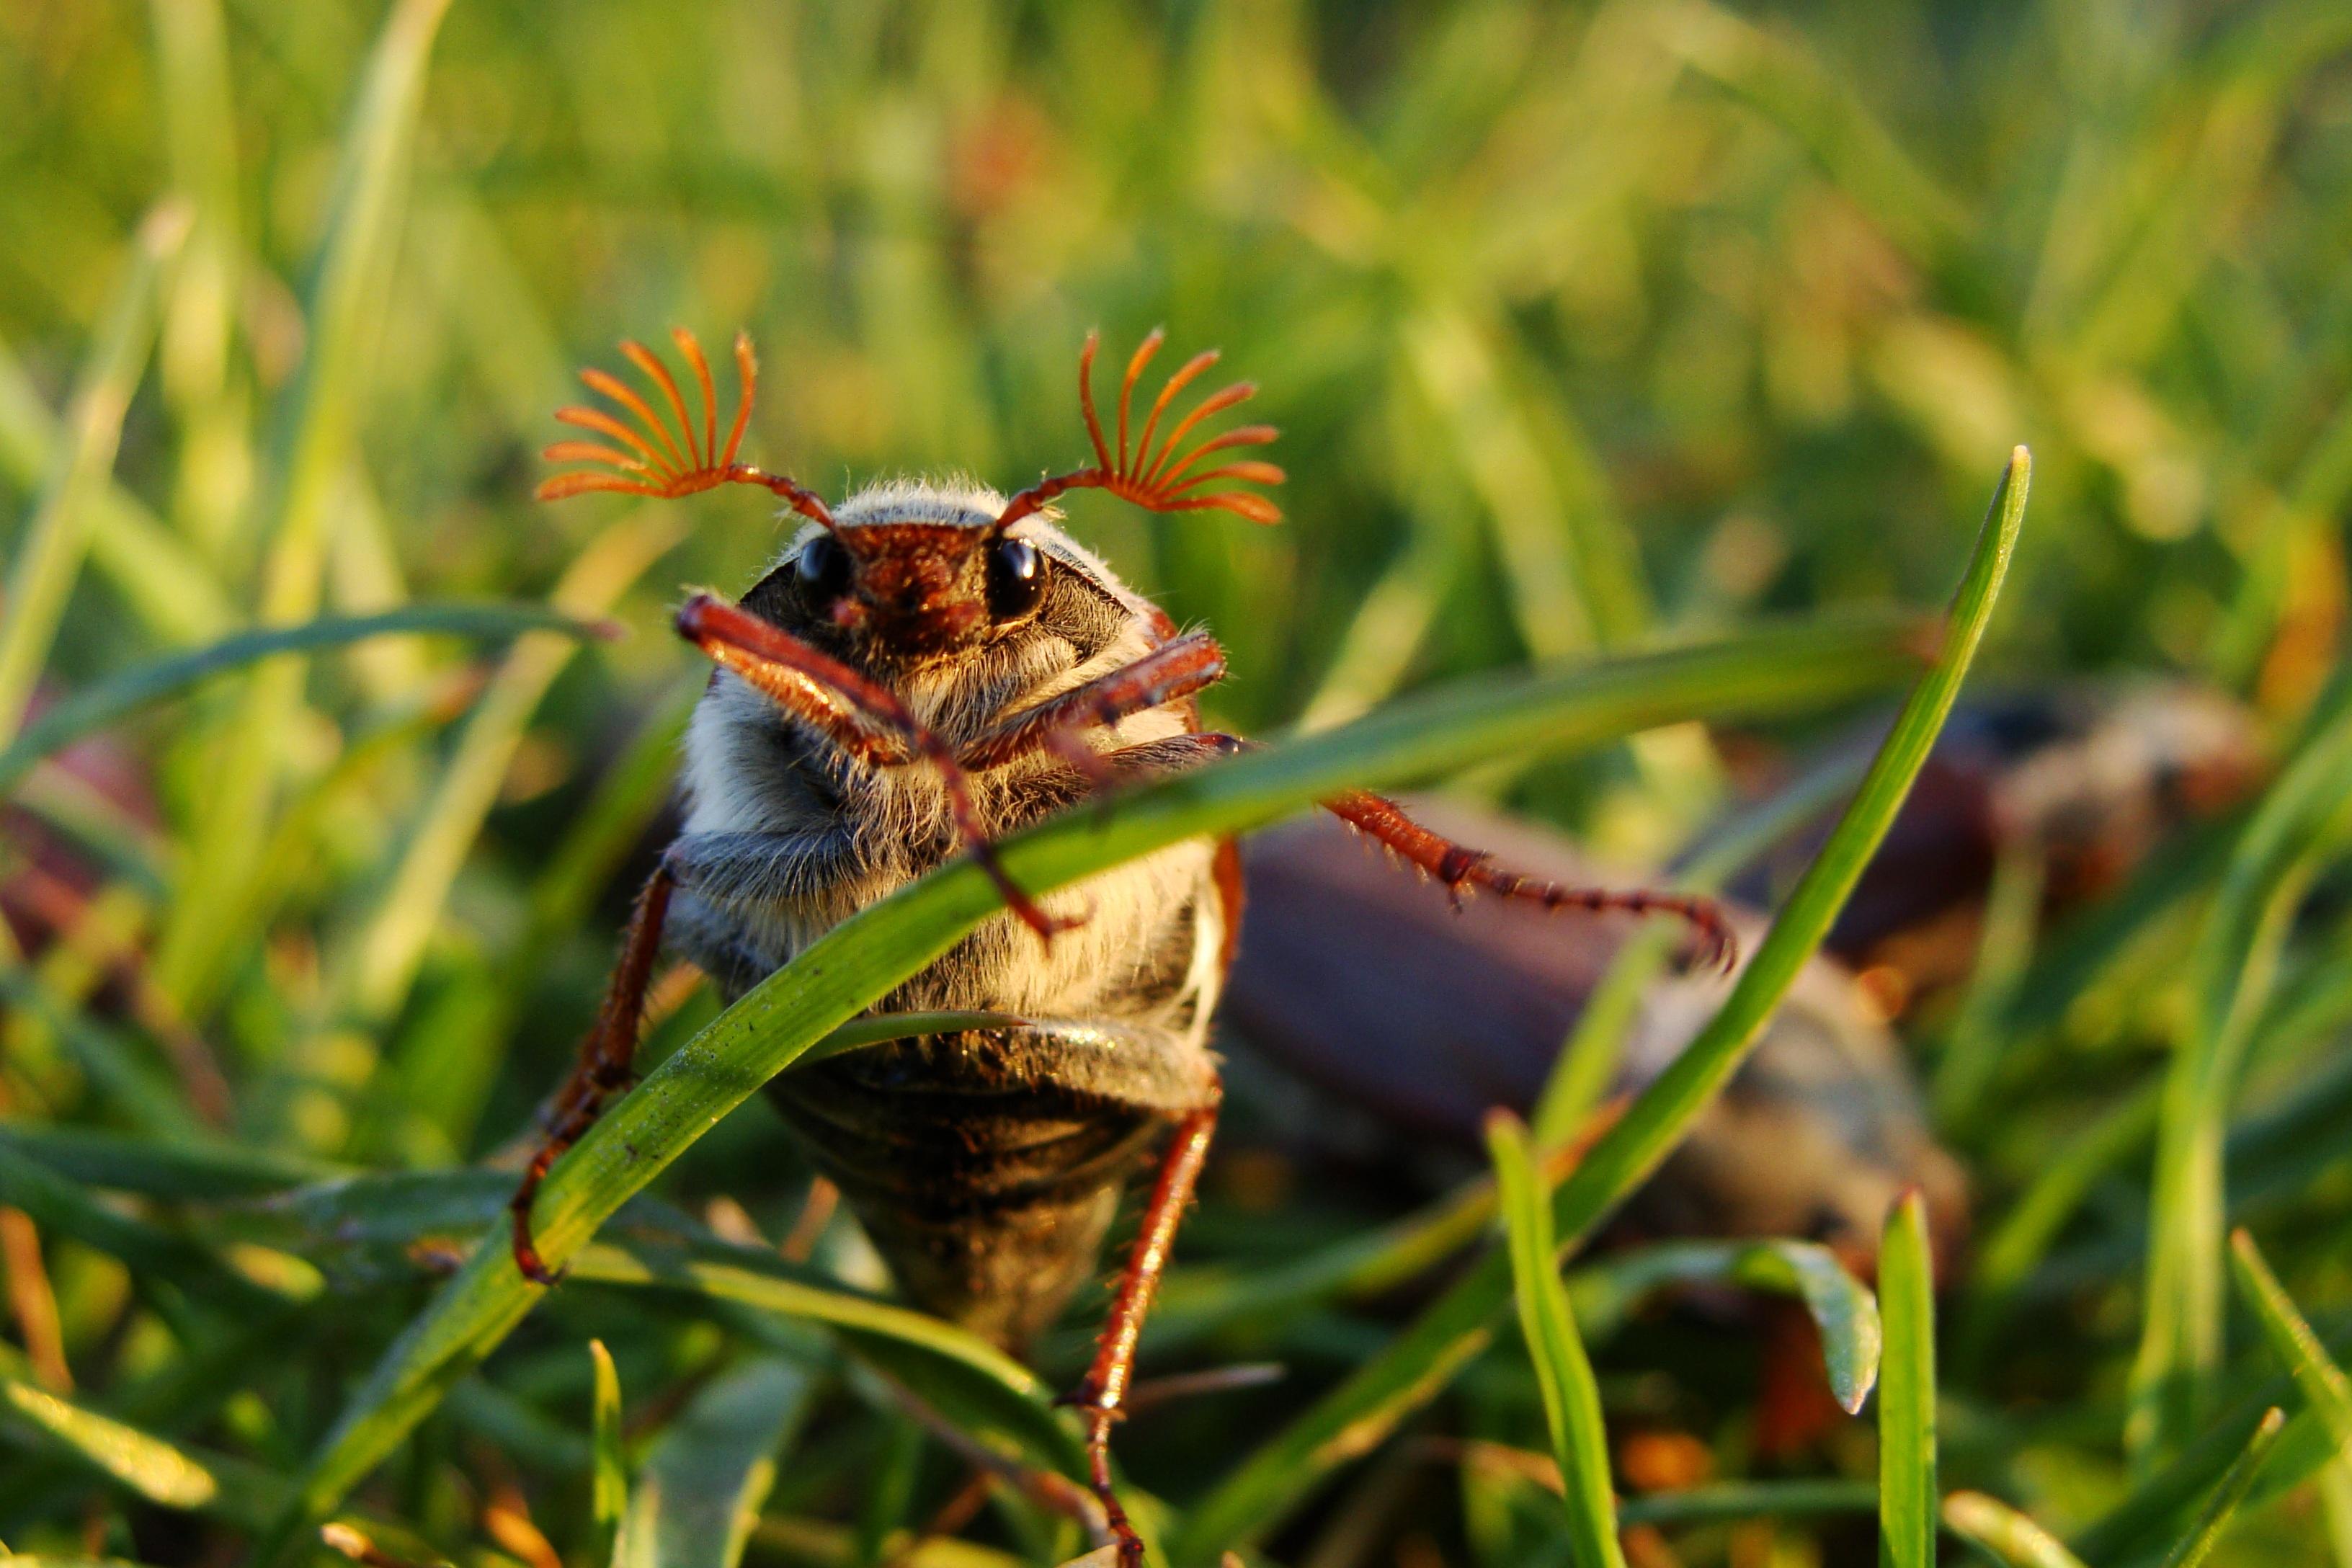 парках картинка милого жука нагара дне